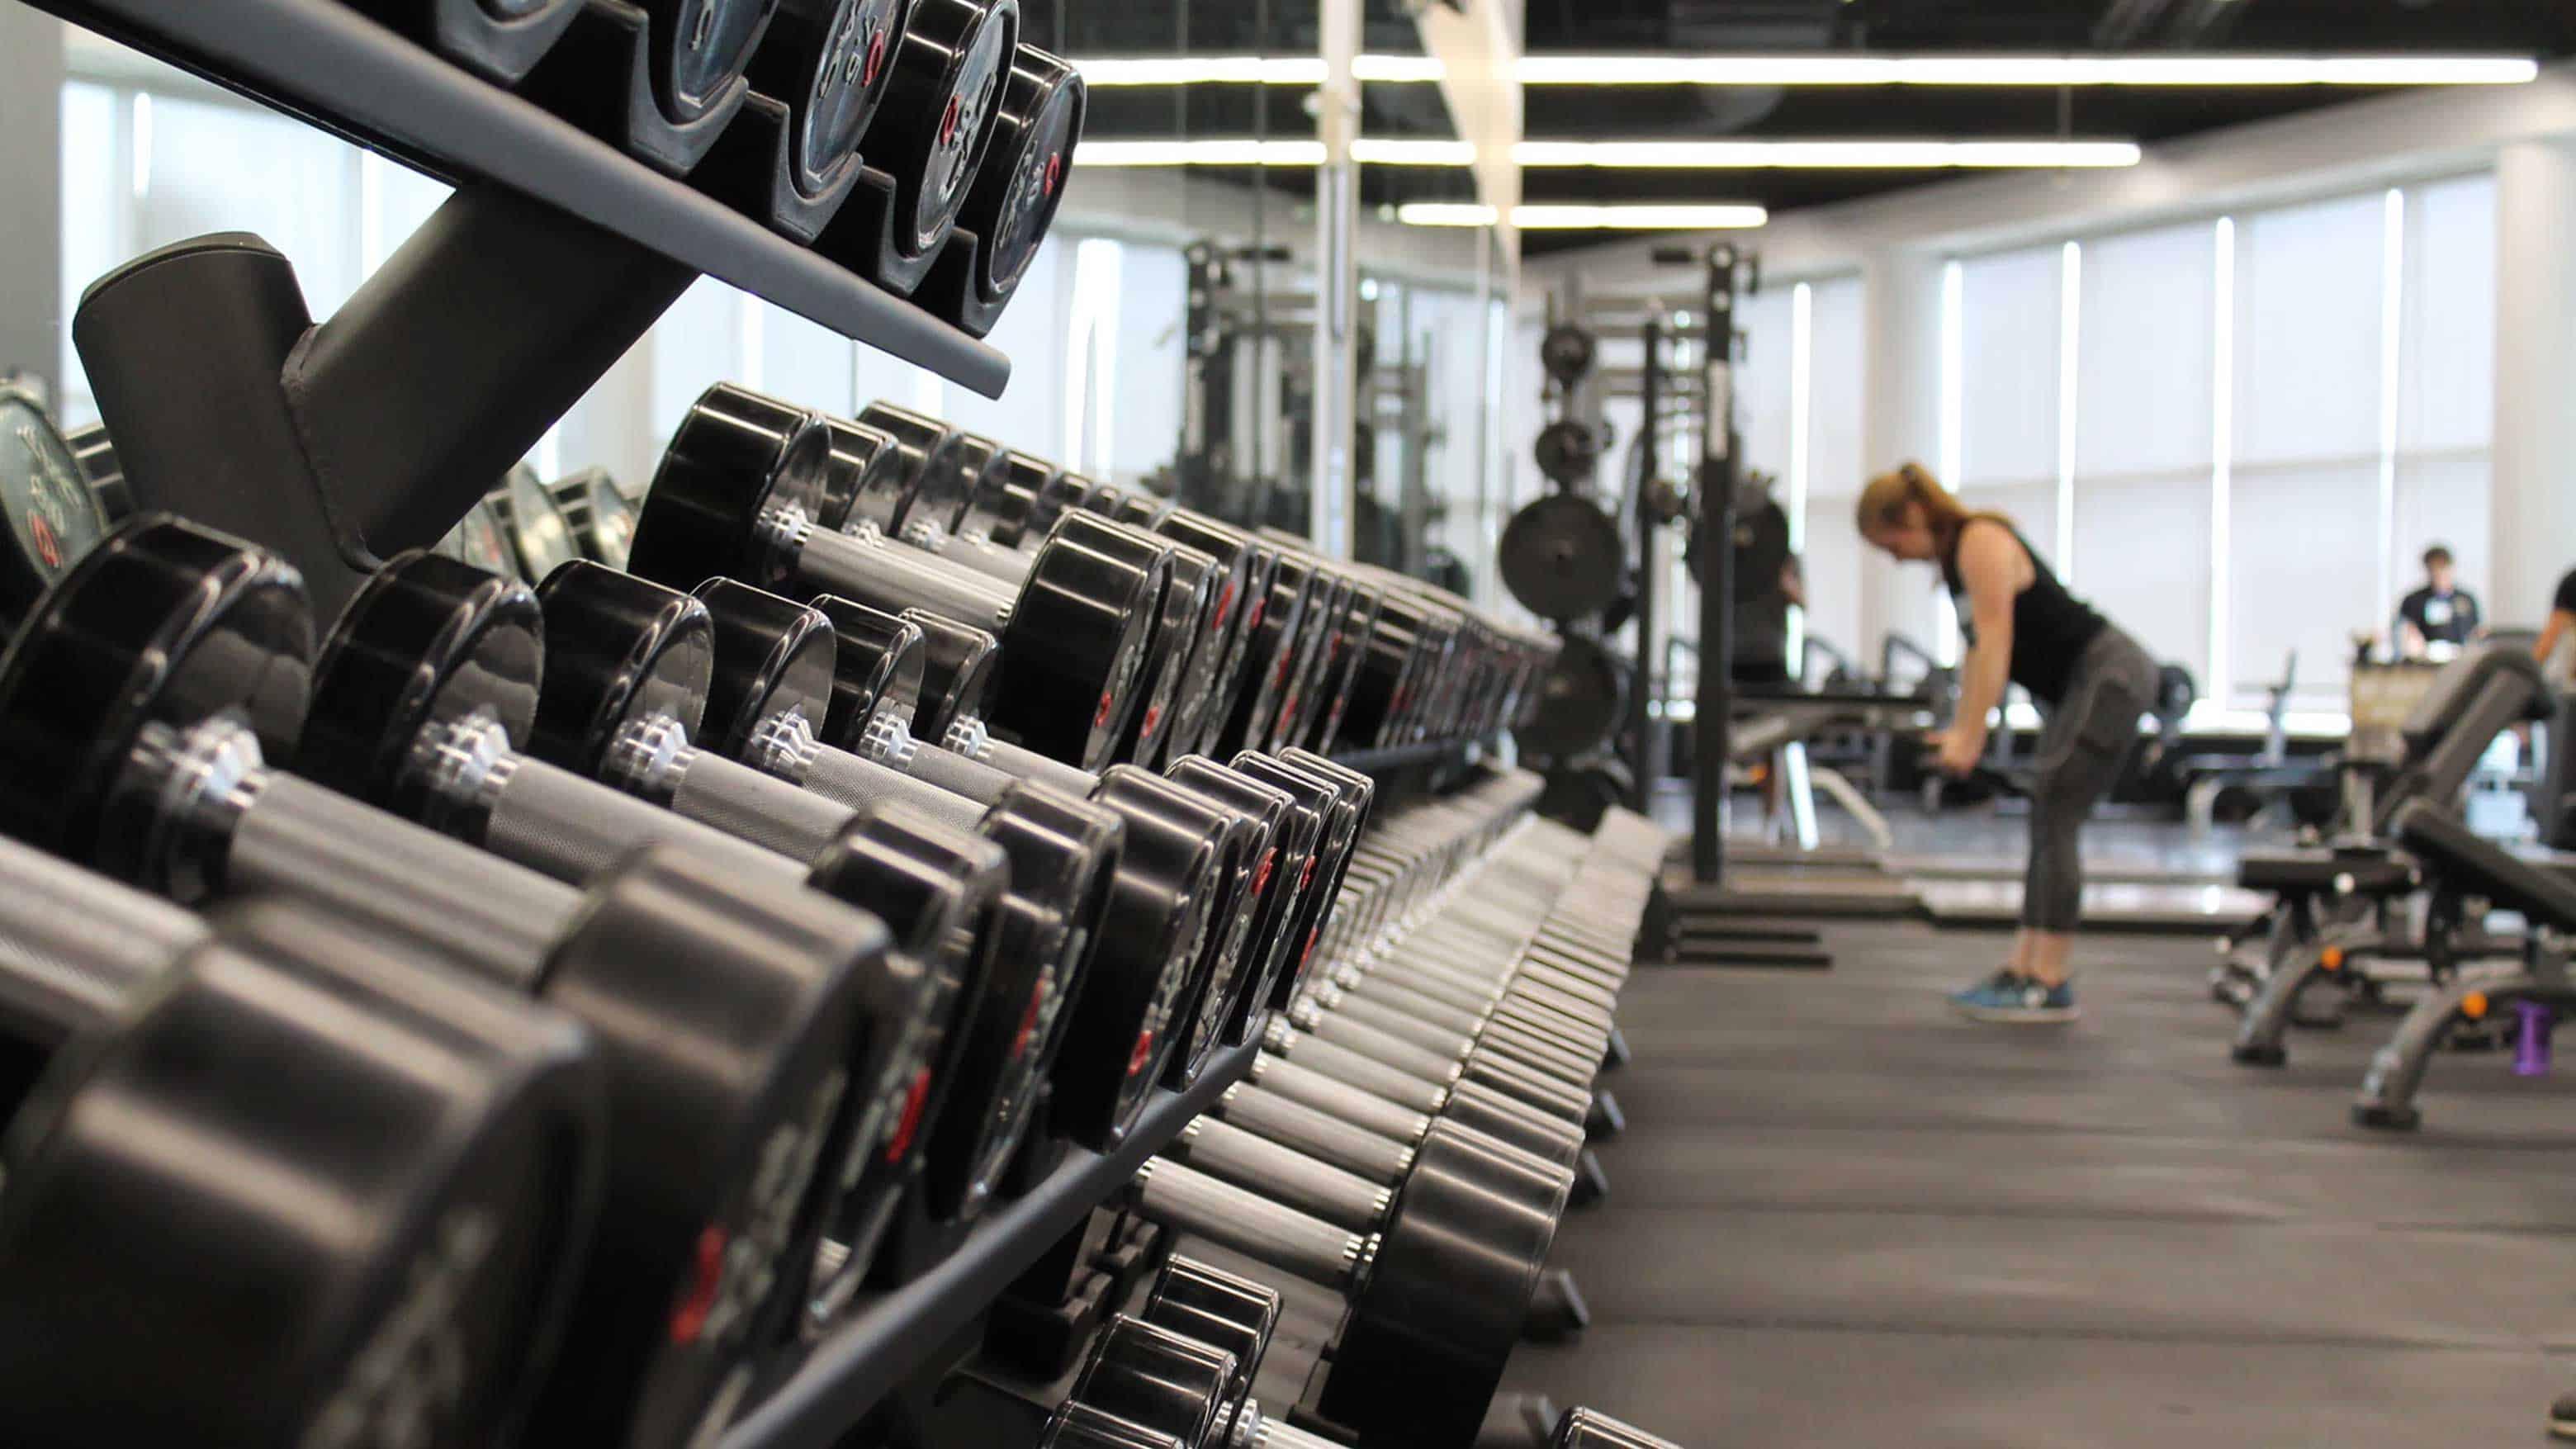 Sportschema fitnessschema in de gym